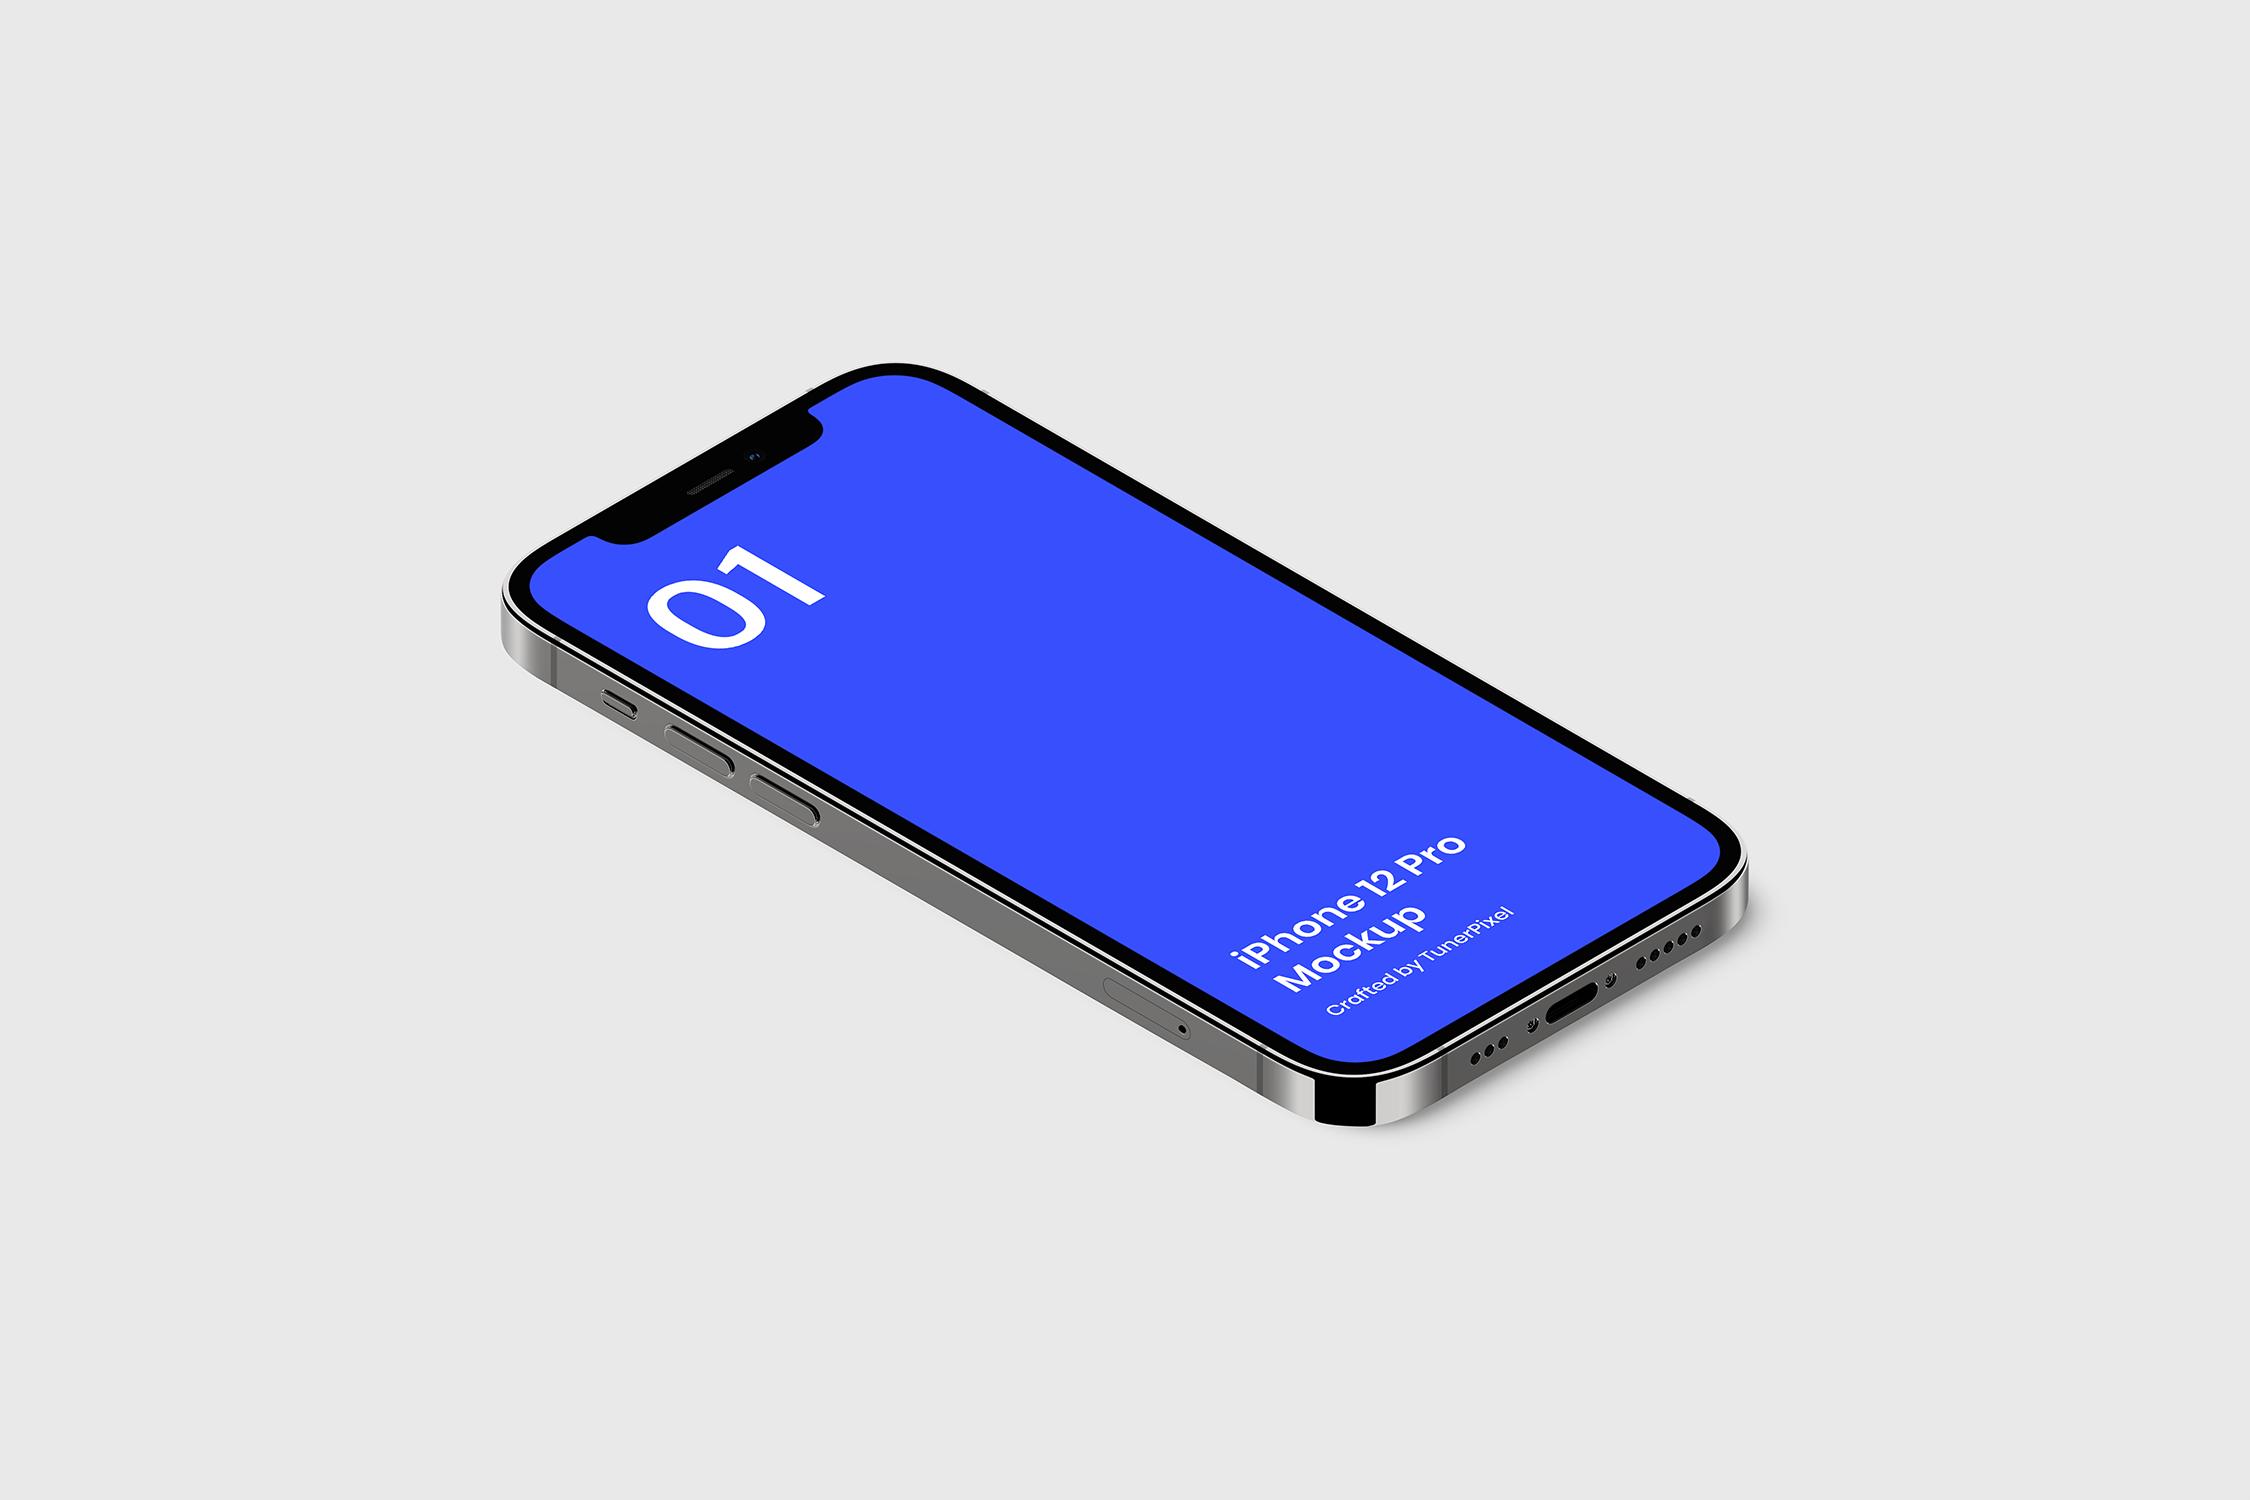 简约苹果手机iPhone 12 Pro屏幕演示样机模板 iPhone 12 Pro Mockup插图1